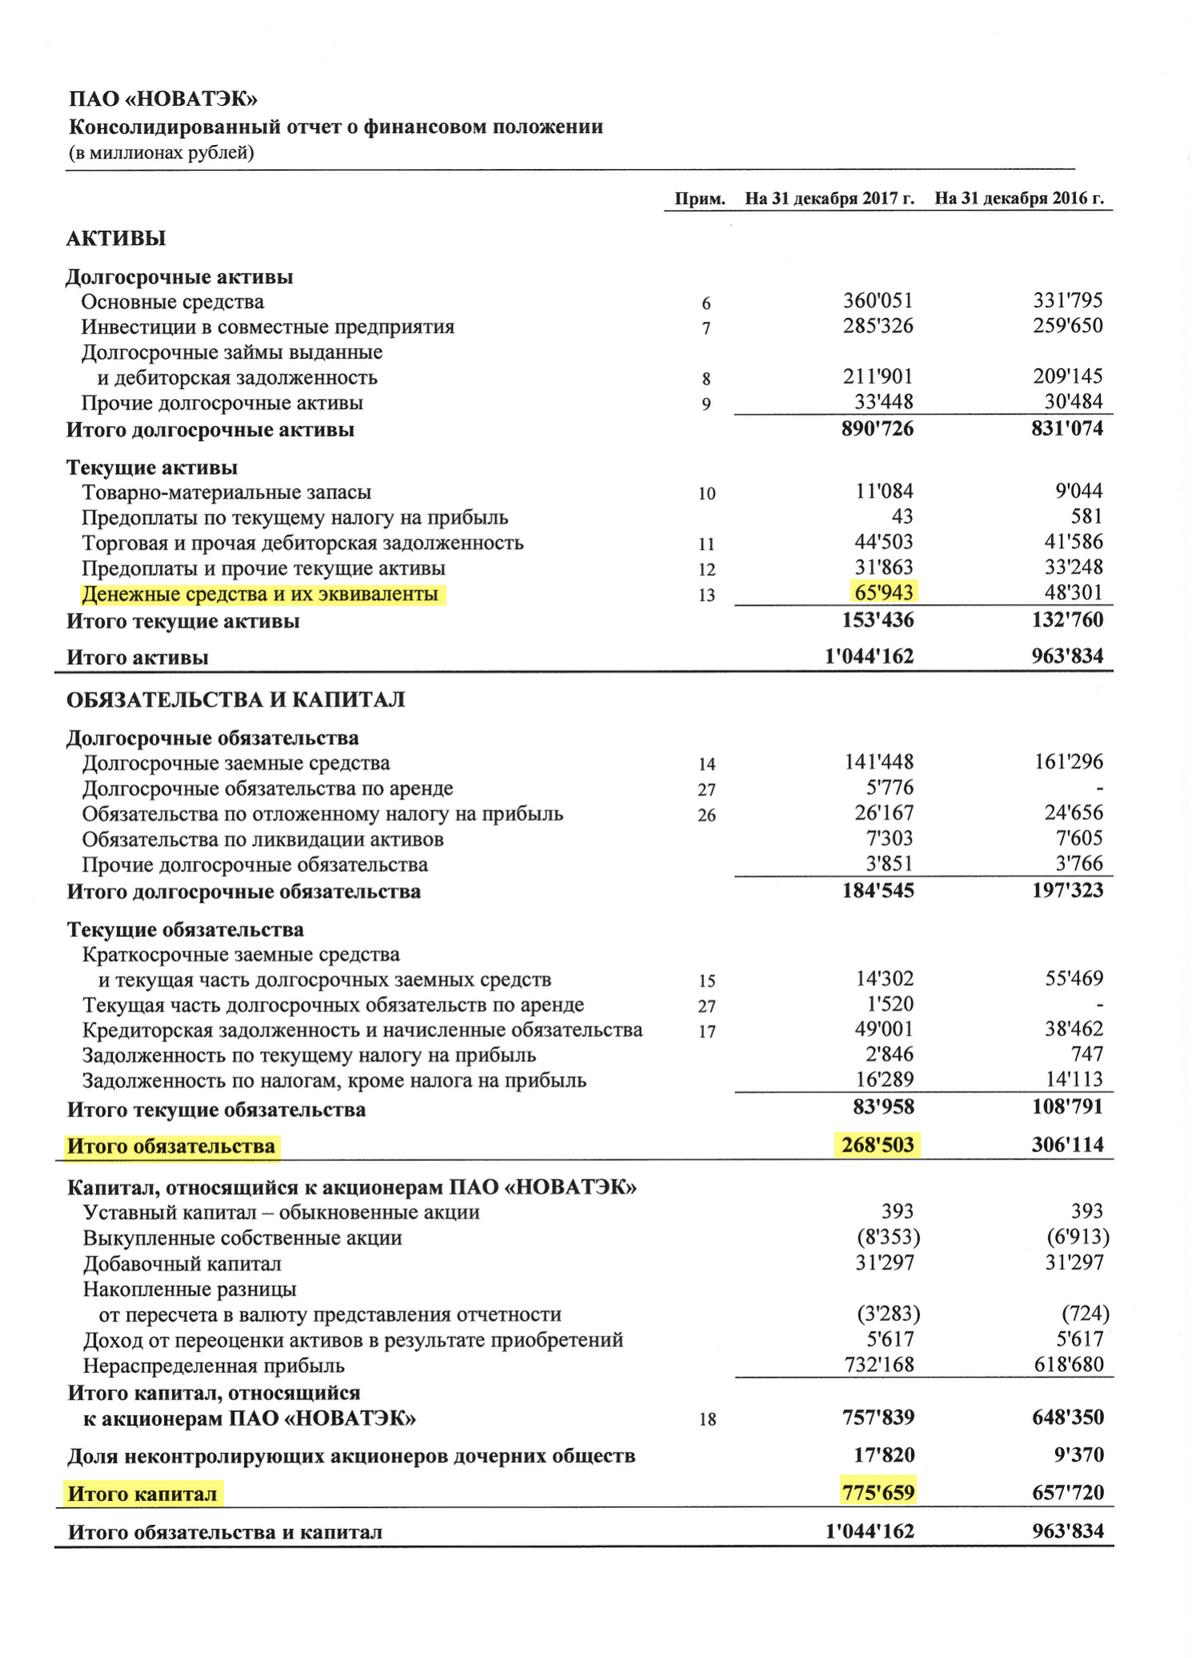 Страница 9 финансового отчета «Новатэка» по итогам 2017 года